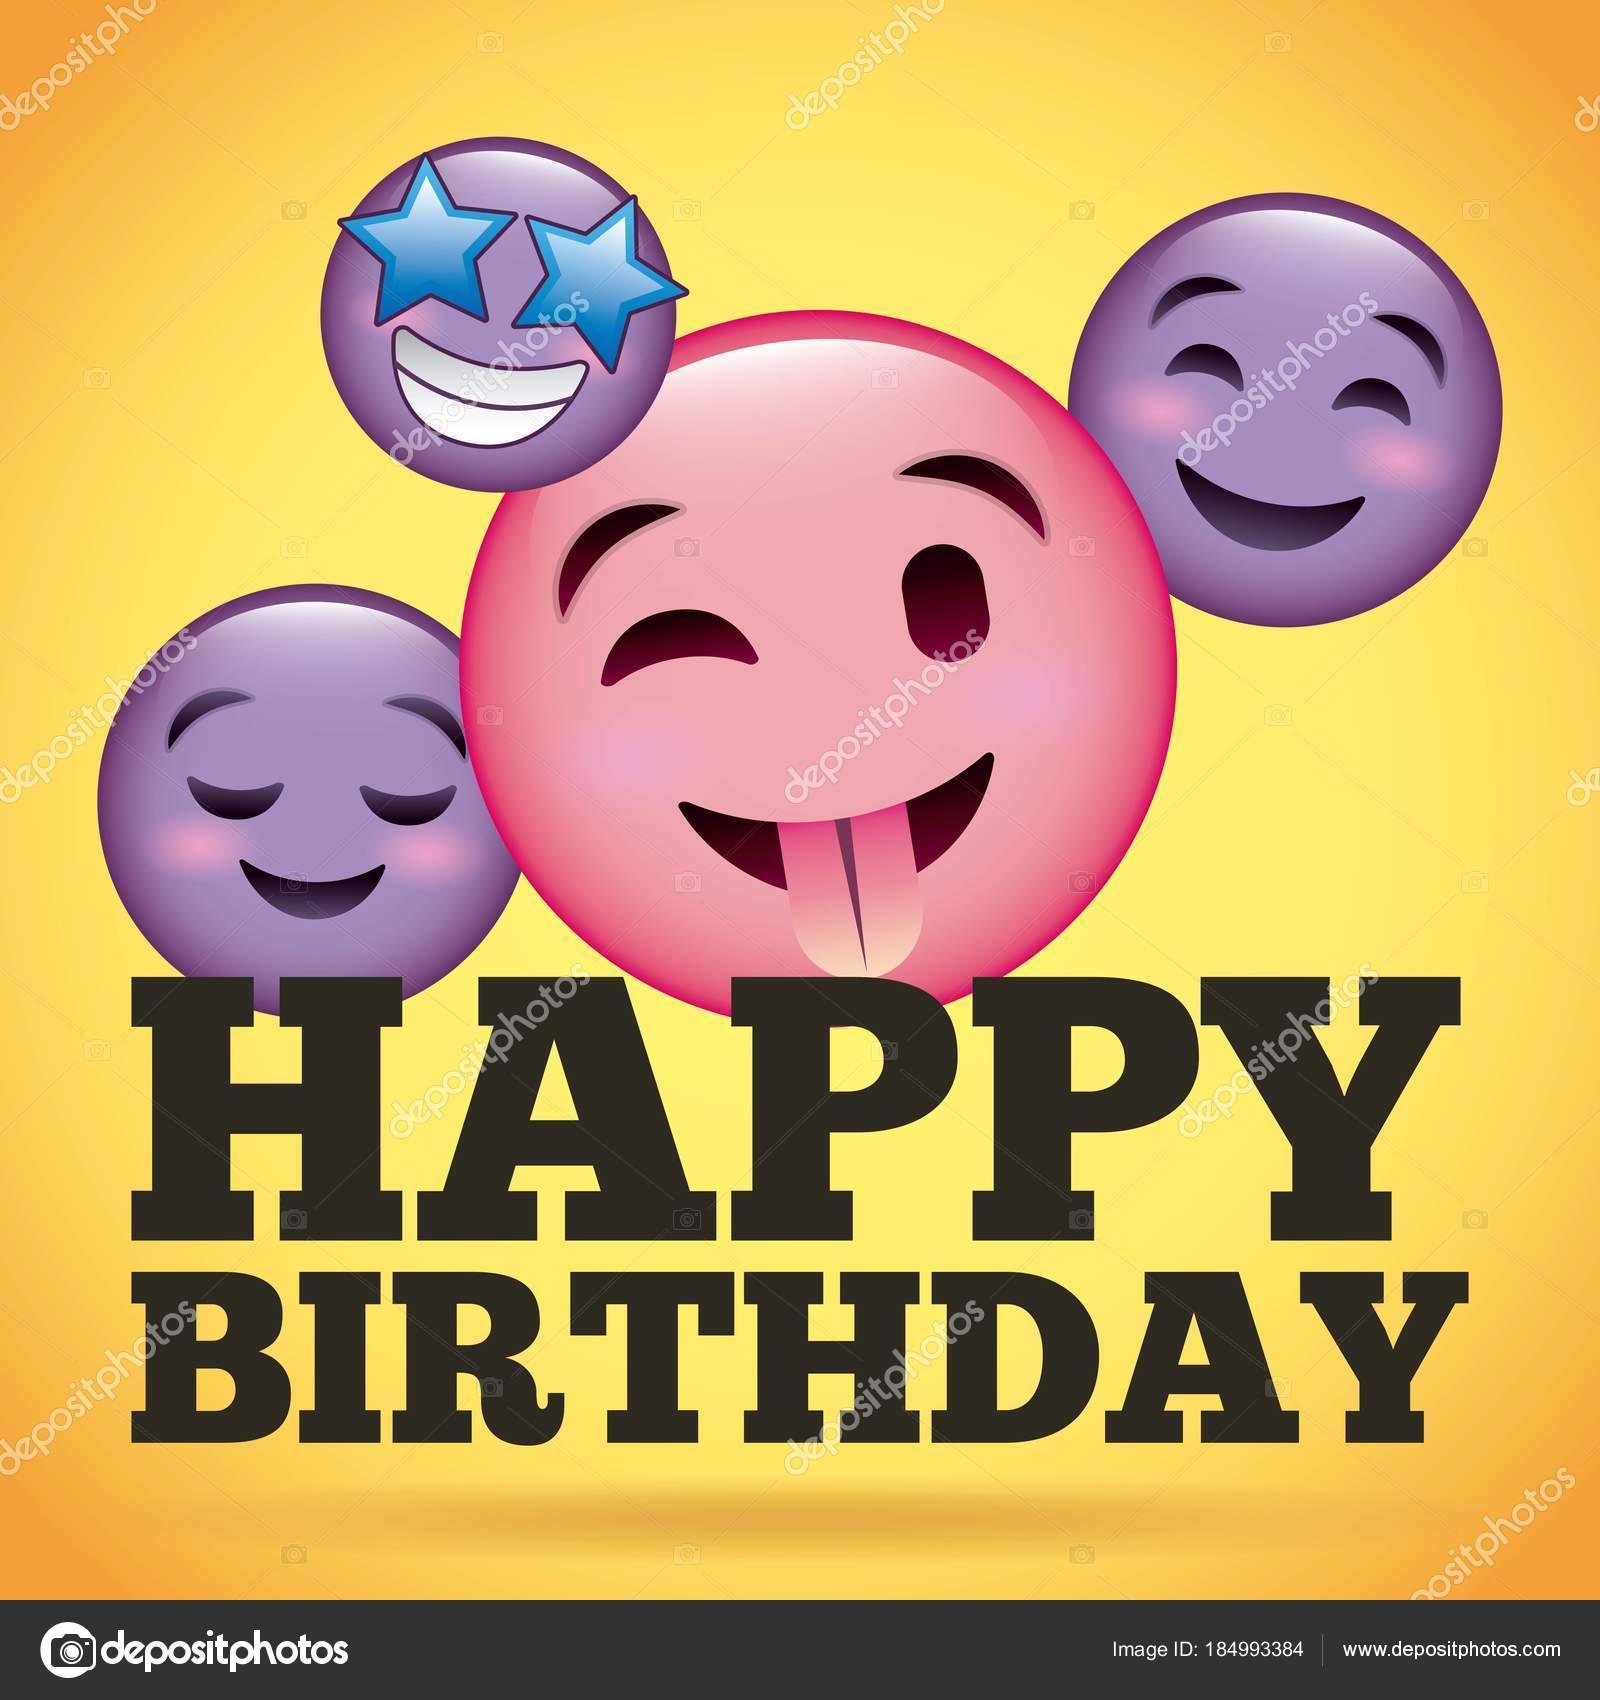 Alles Gute Zum Geburtstag Lacheln Emoji Glucklich Zunge Heraus